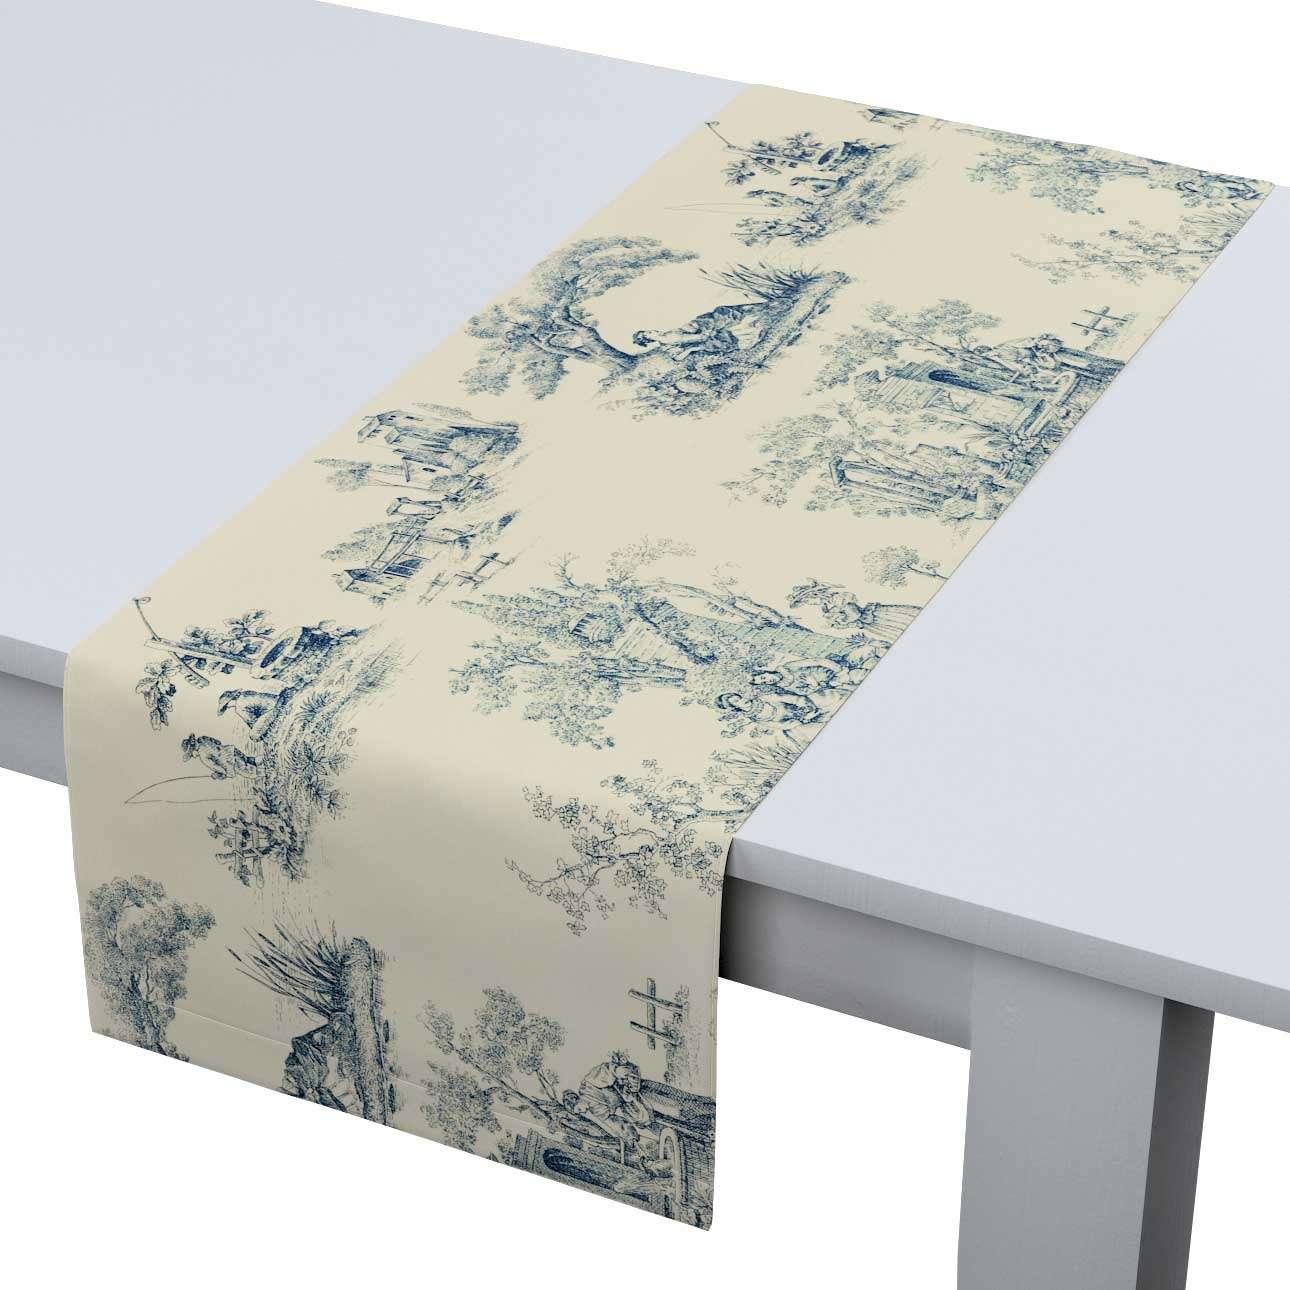 Bieżnik prostokątny 40x130 cm w kolekcji Avinon, tkanina: 132-66